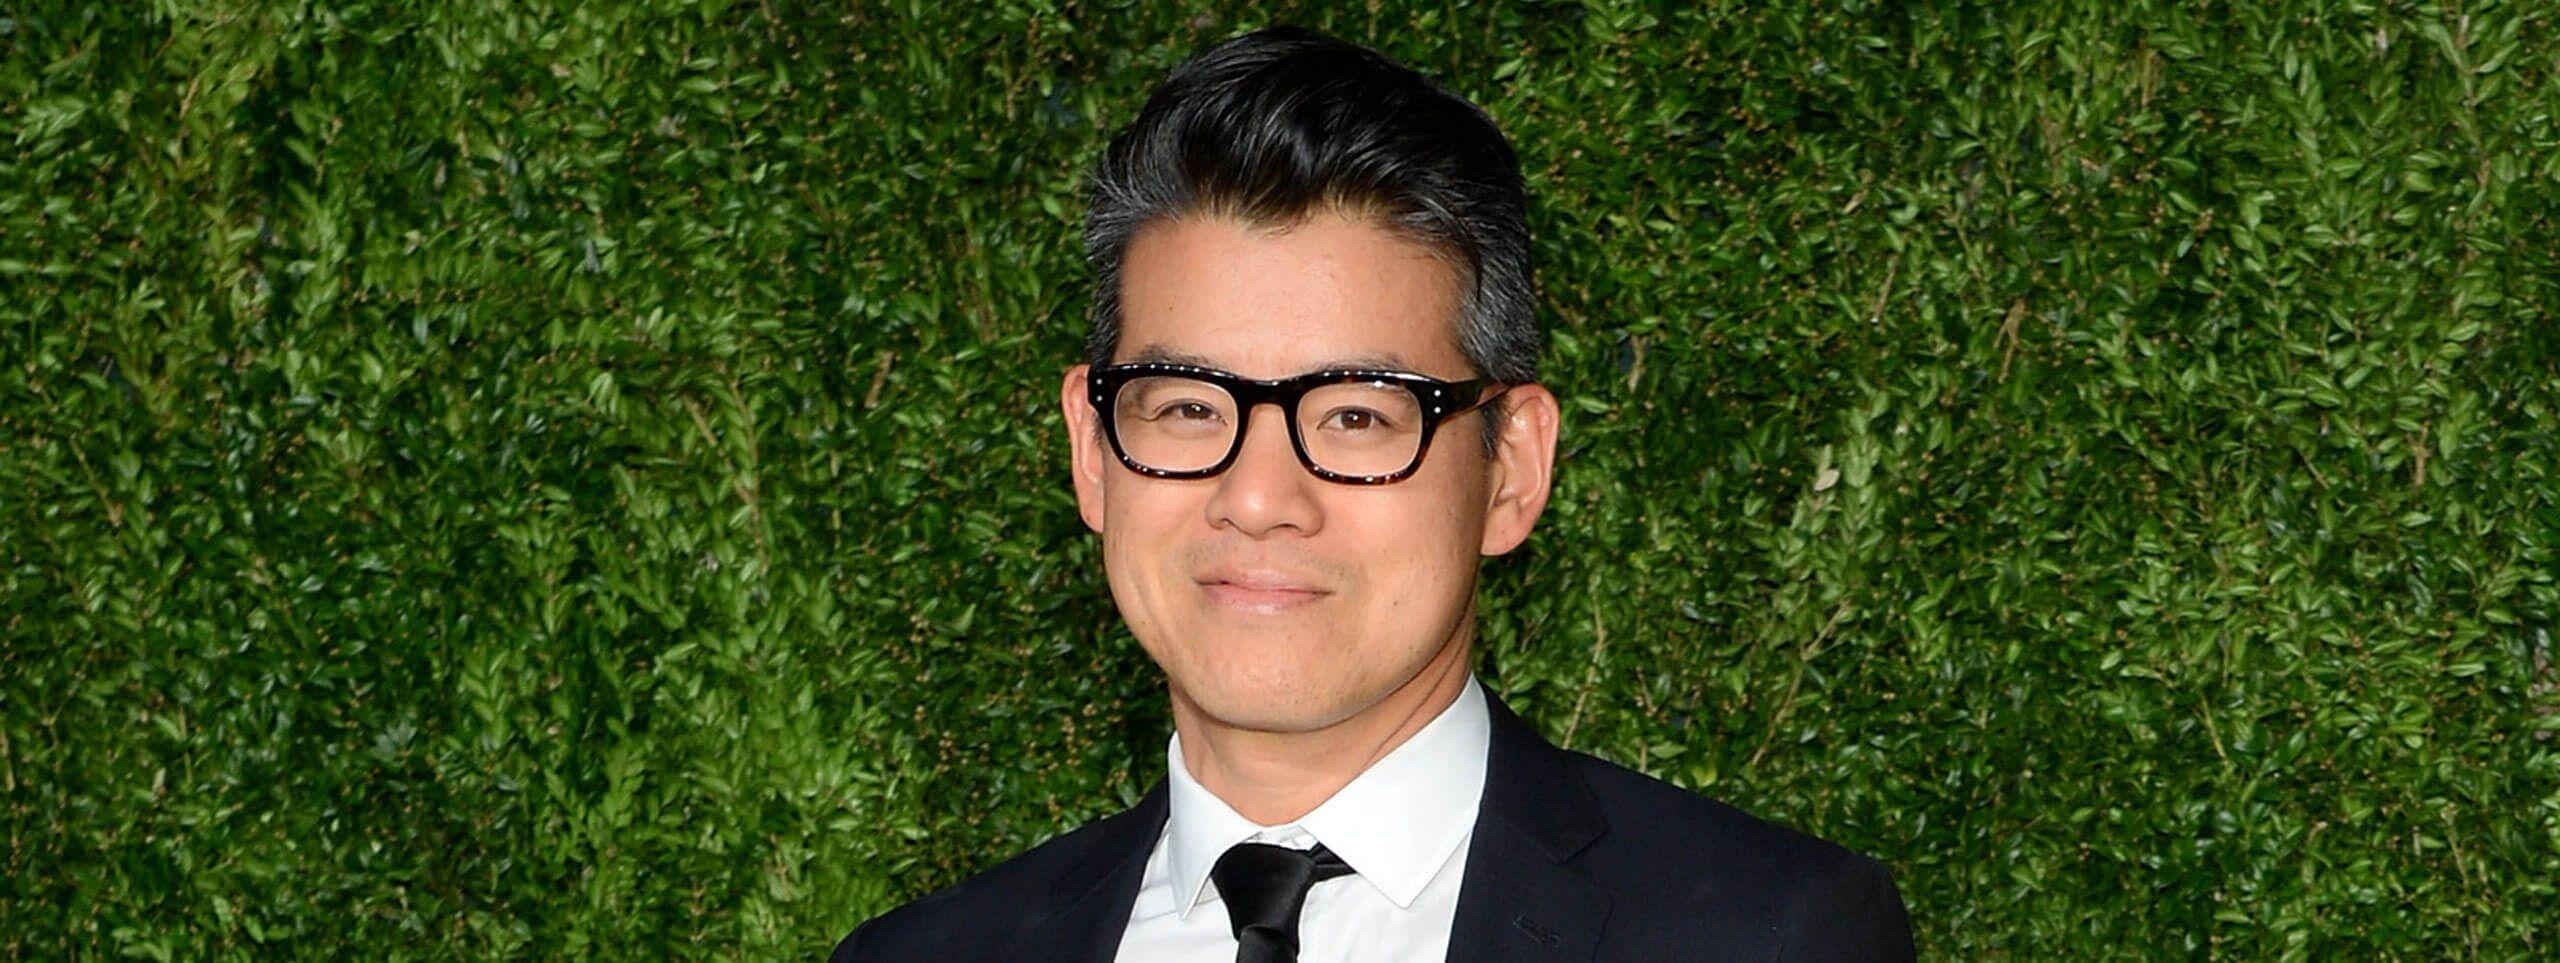 Peter Som cheveux courts avec lunettes